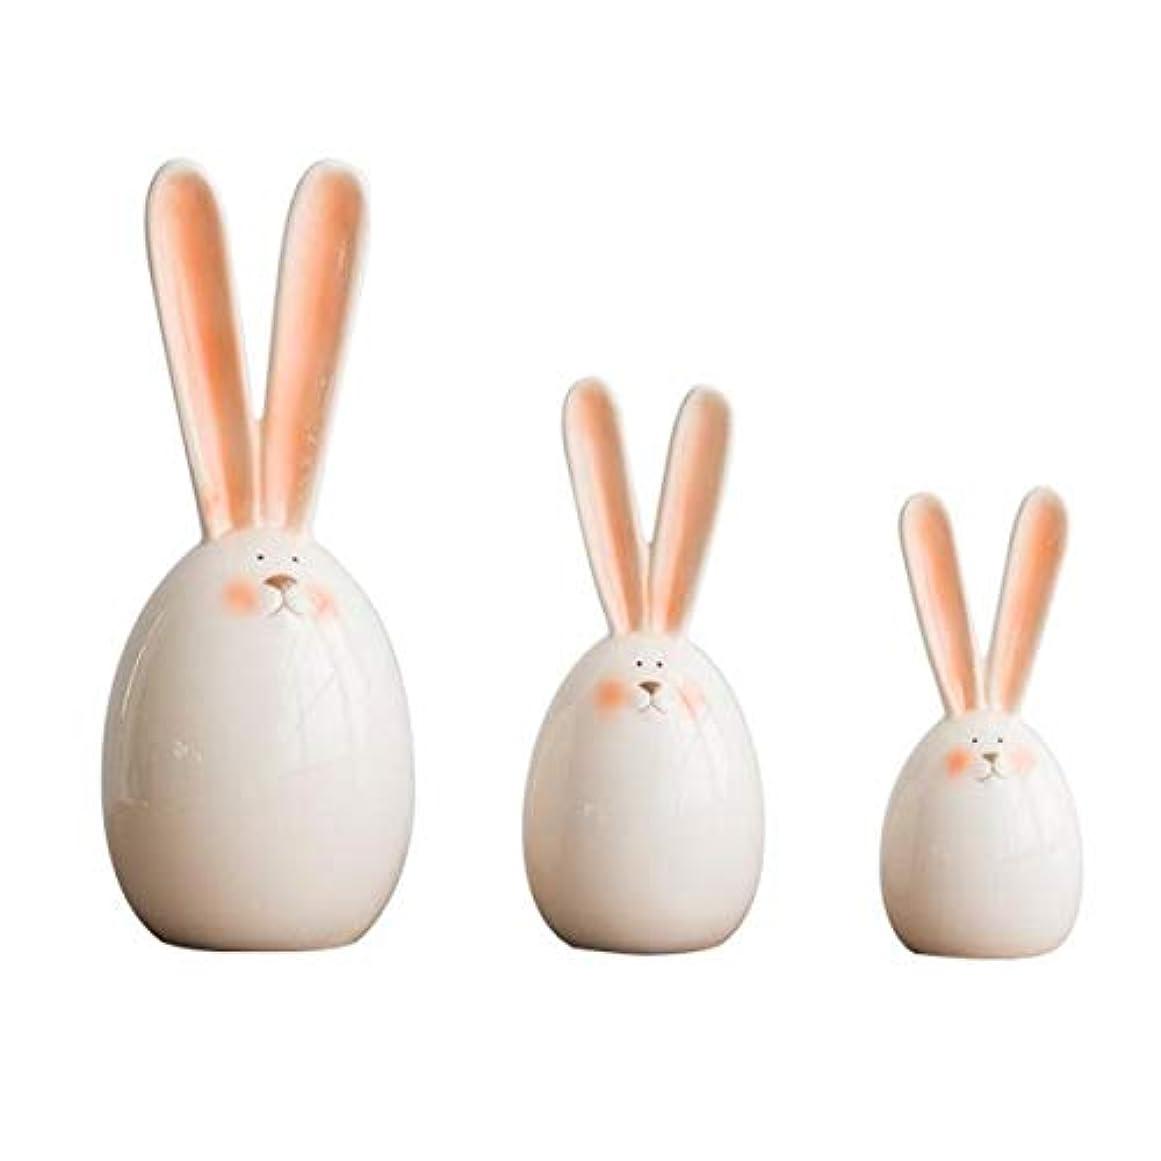 ローブスティーブンソン寝室Fengshangshanghang リビングルームワインキャビネットテレビキャビネット漫画の装飾小さな装飾品誕生日プレゼントかわいいセラミックウサギの結婚祝いの表示,家の装飾 (Style : Rabbit)